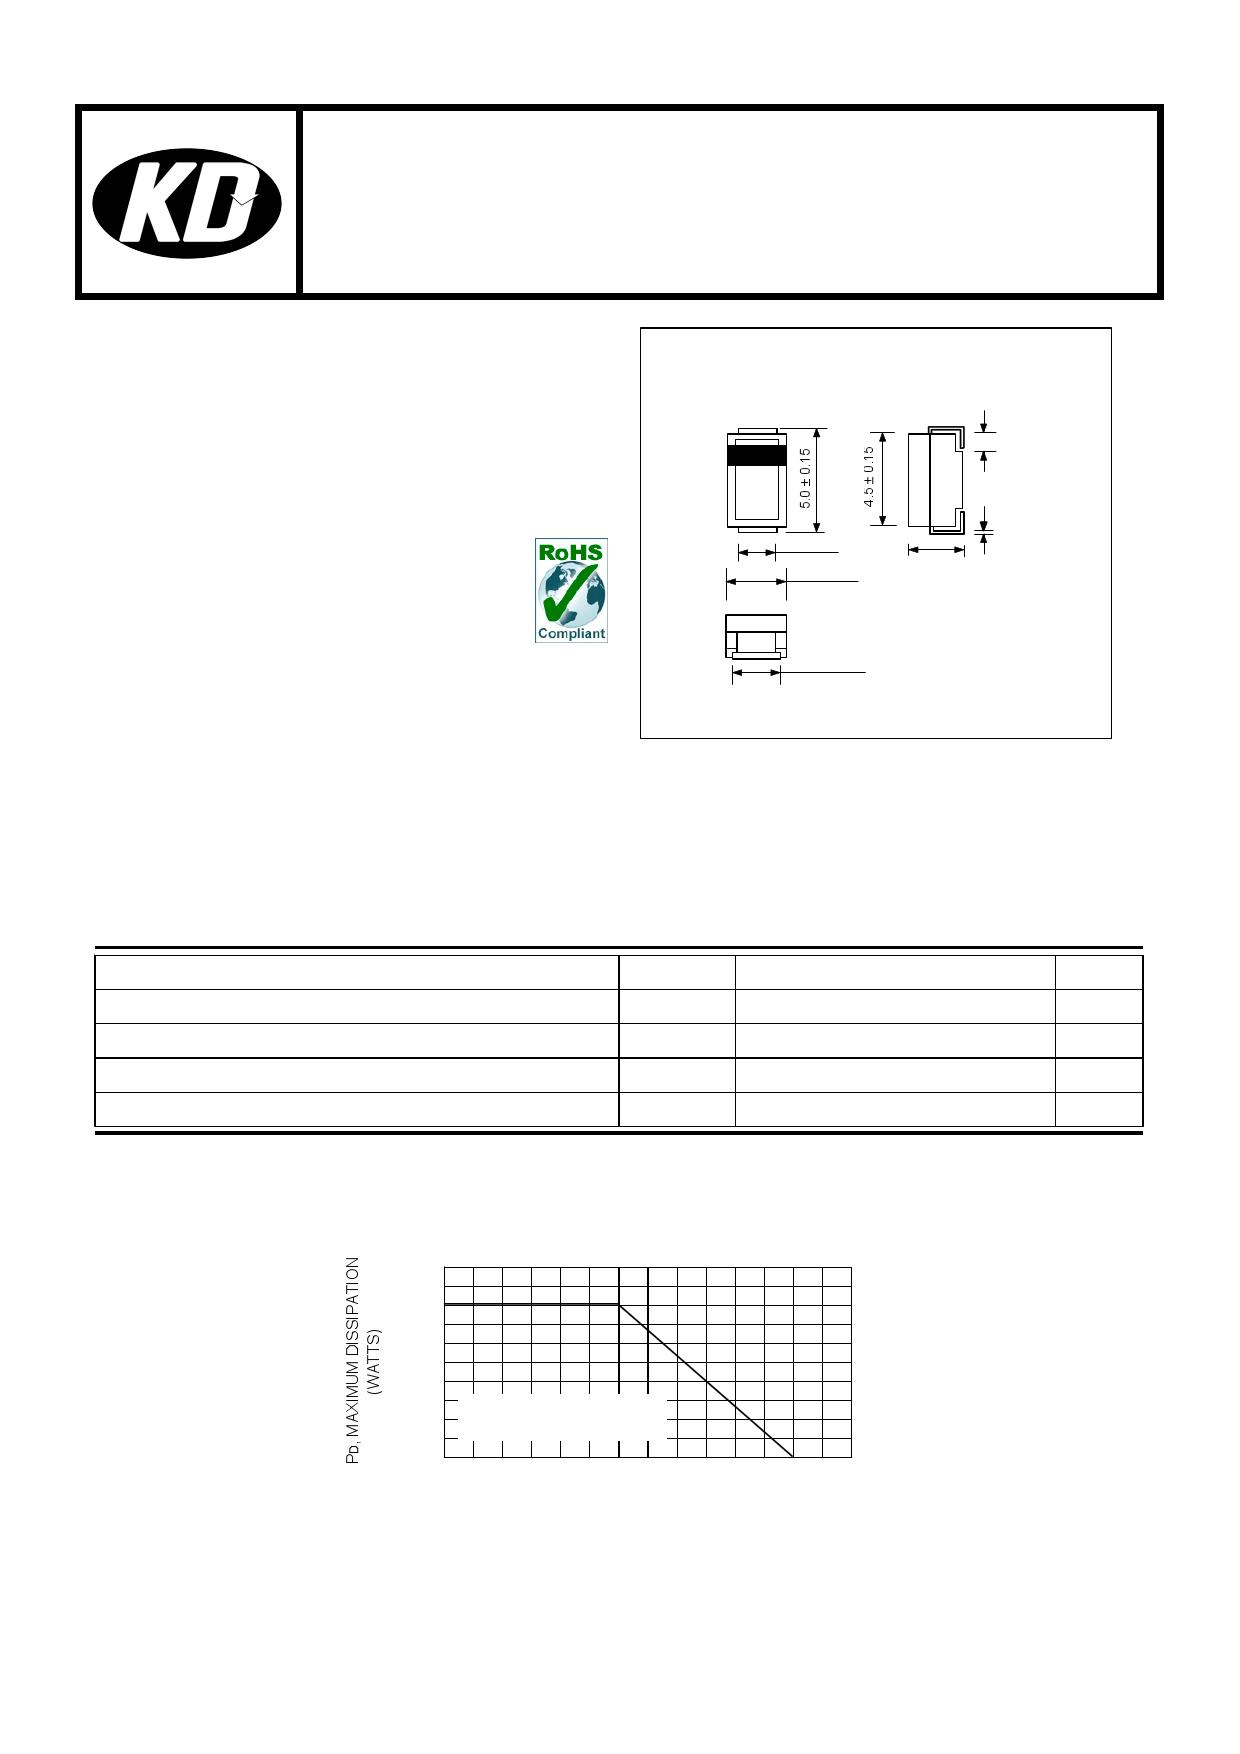 SZ40B5 datasheet